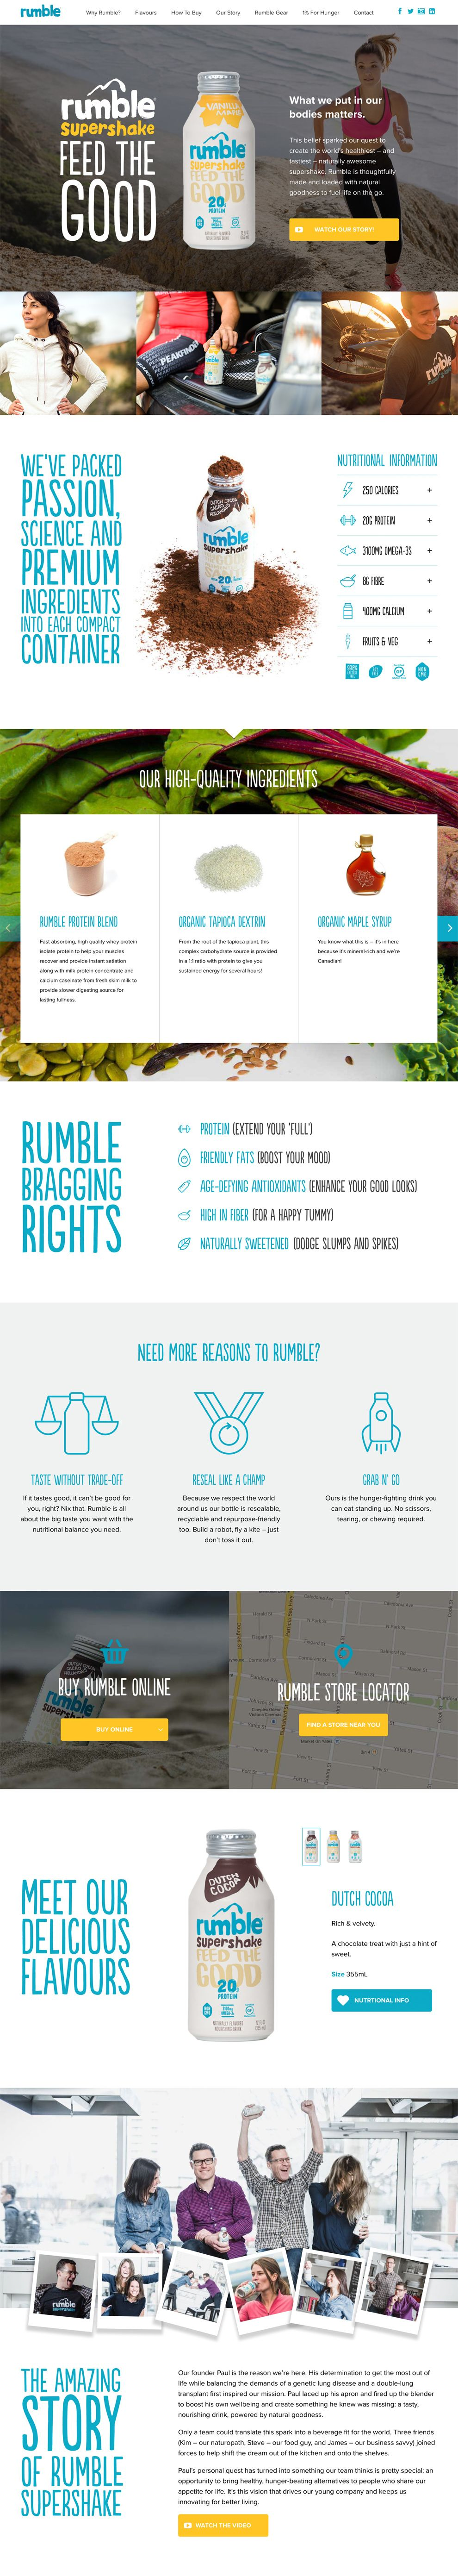 Rumble Great Website Design